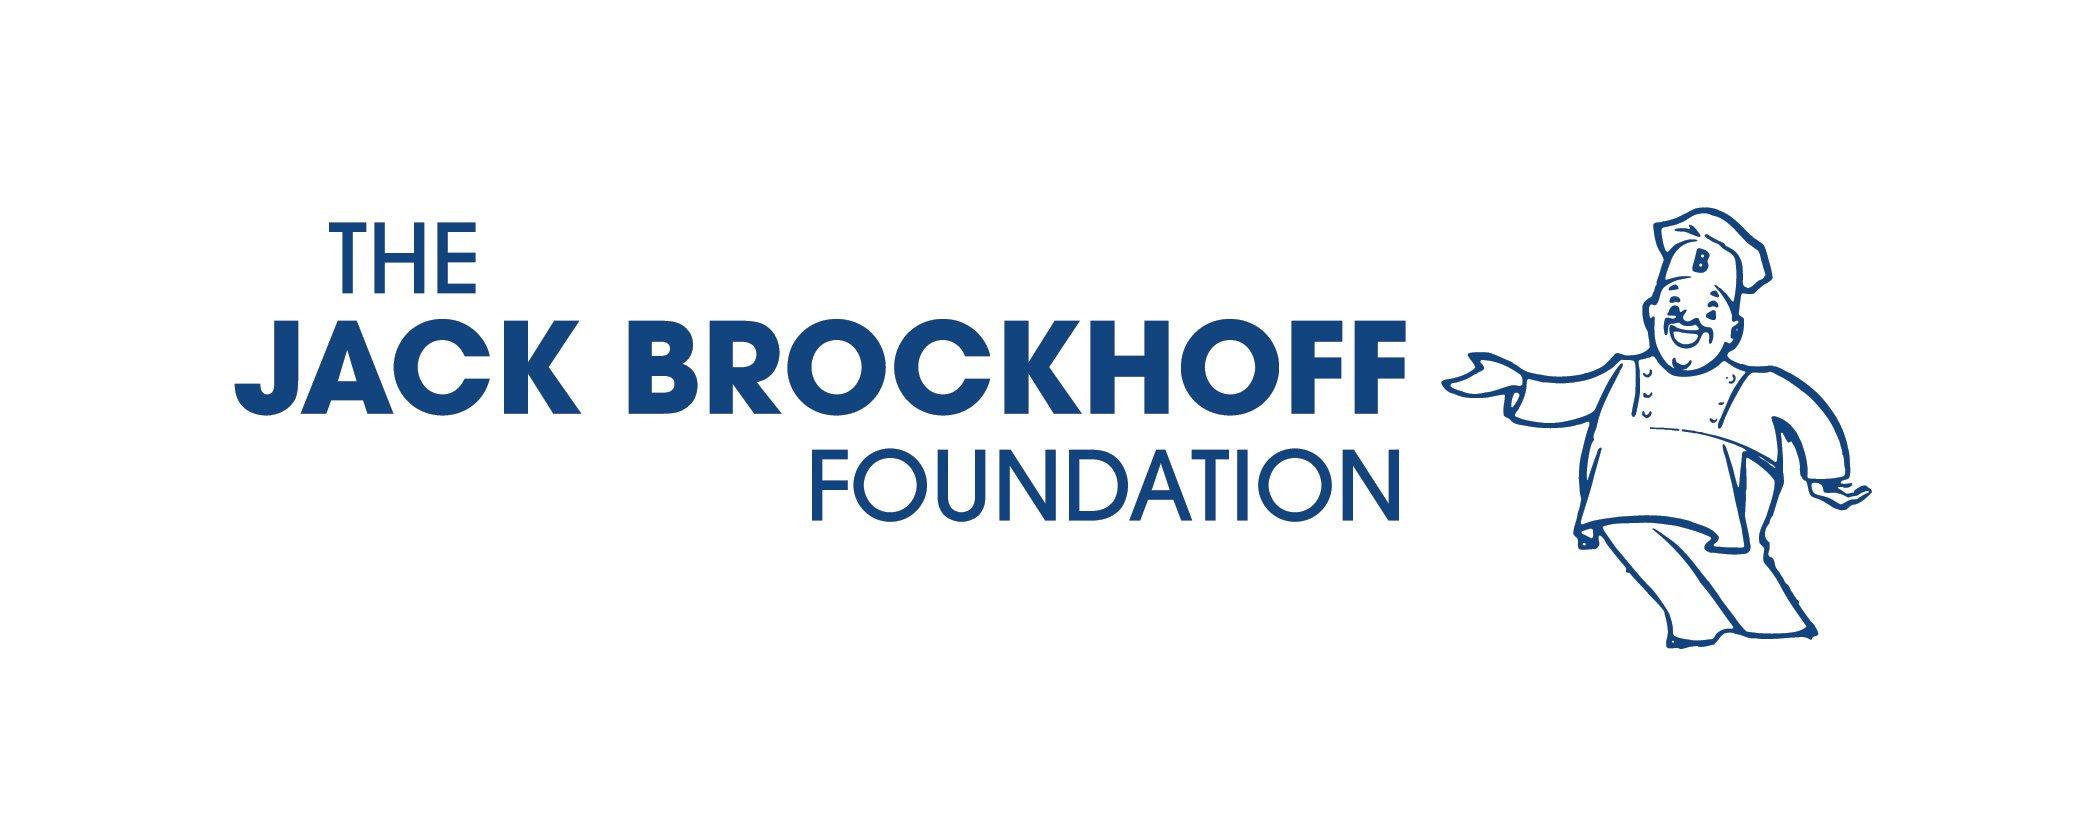 The Jack Brockhoff Foundation